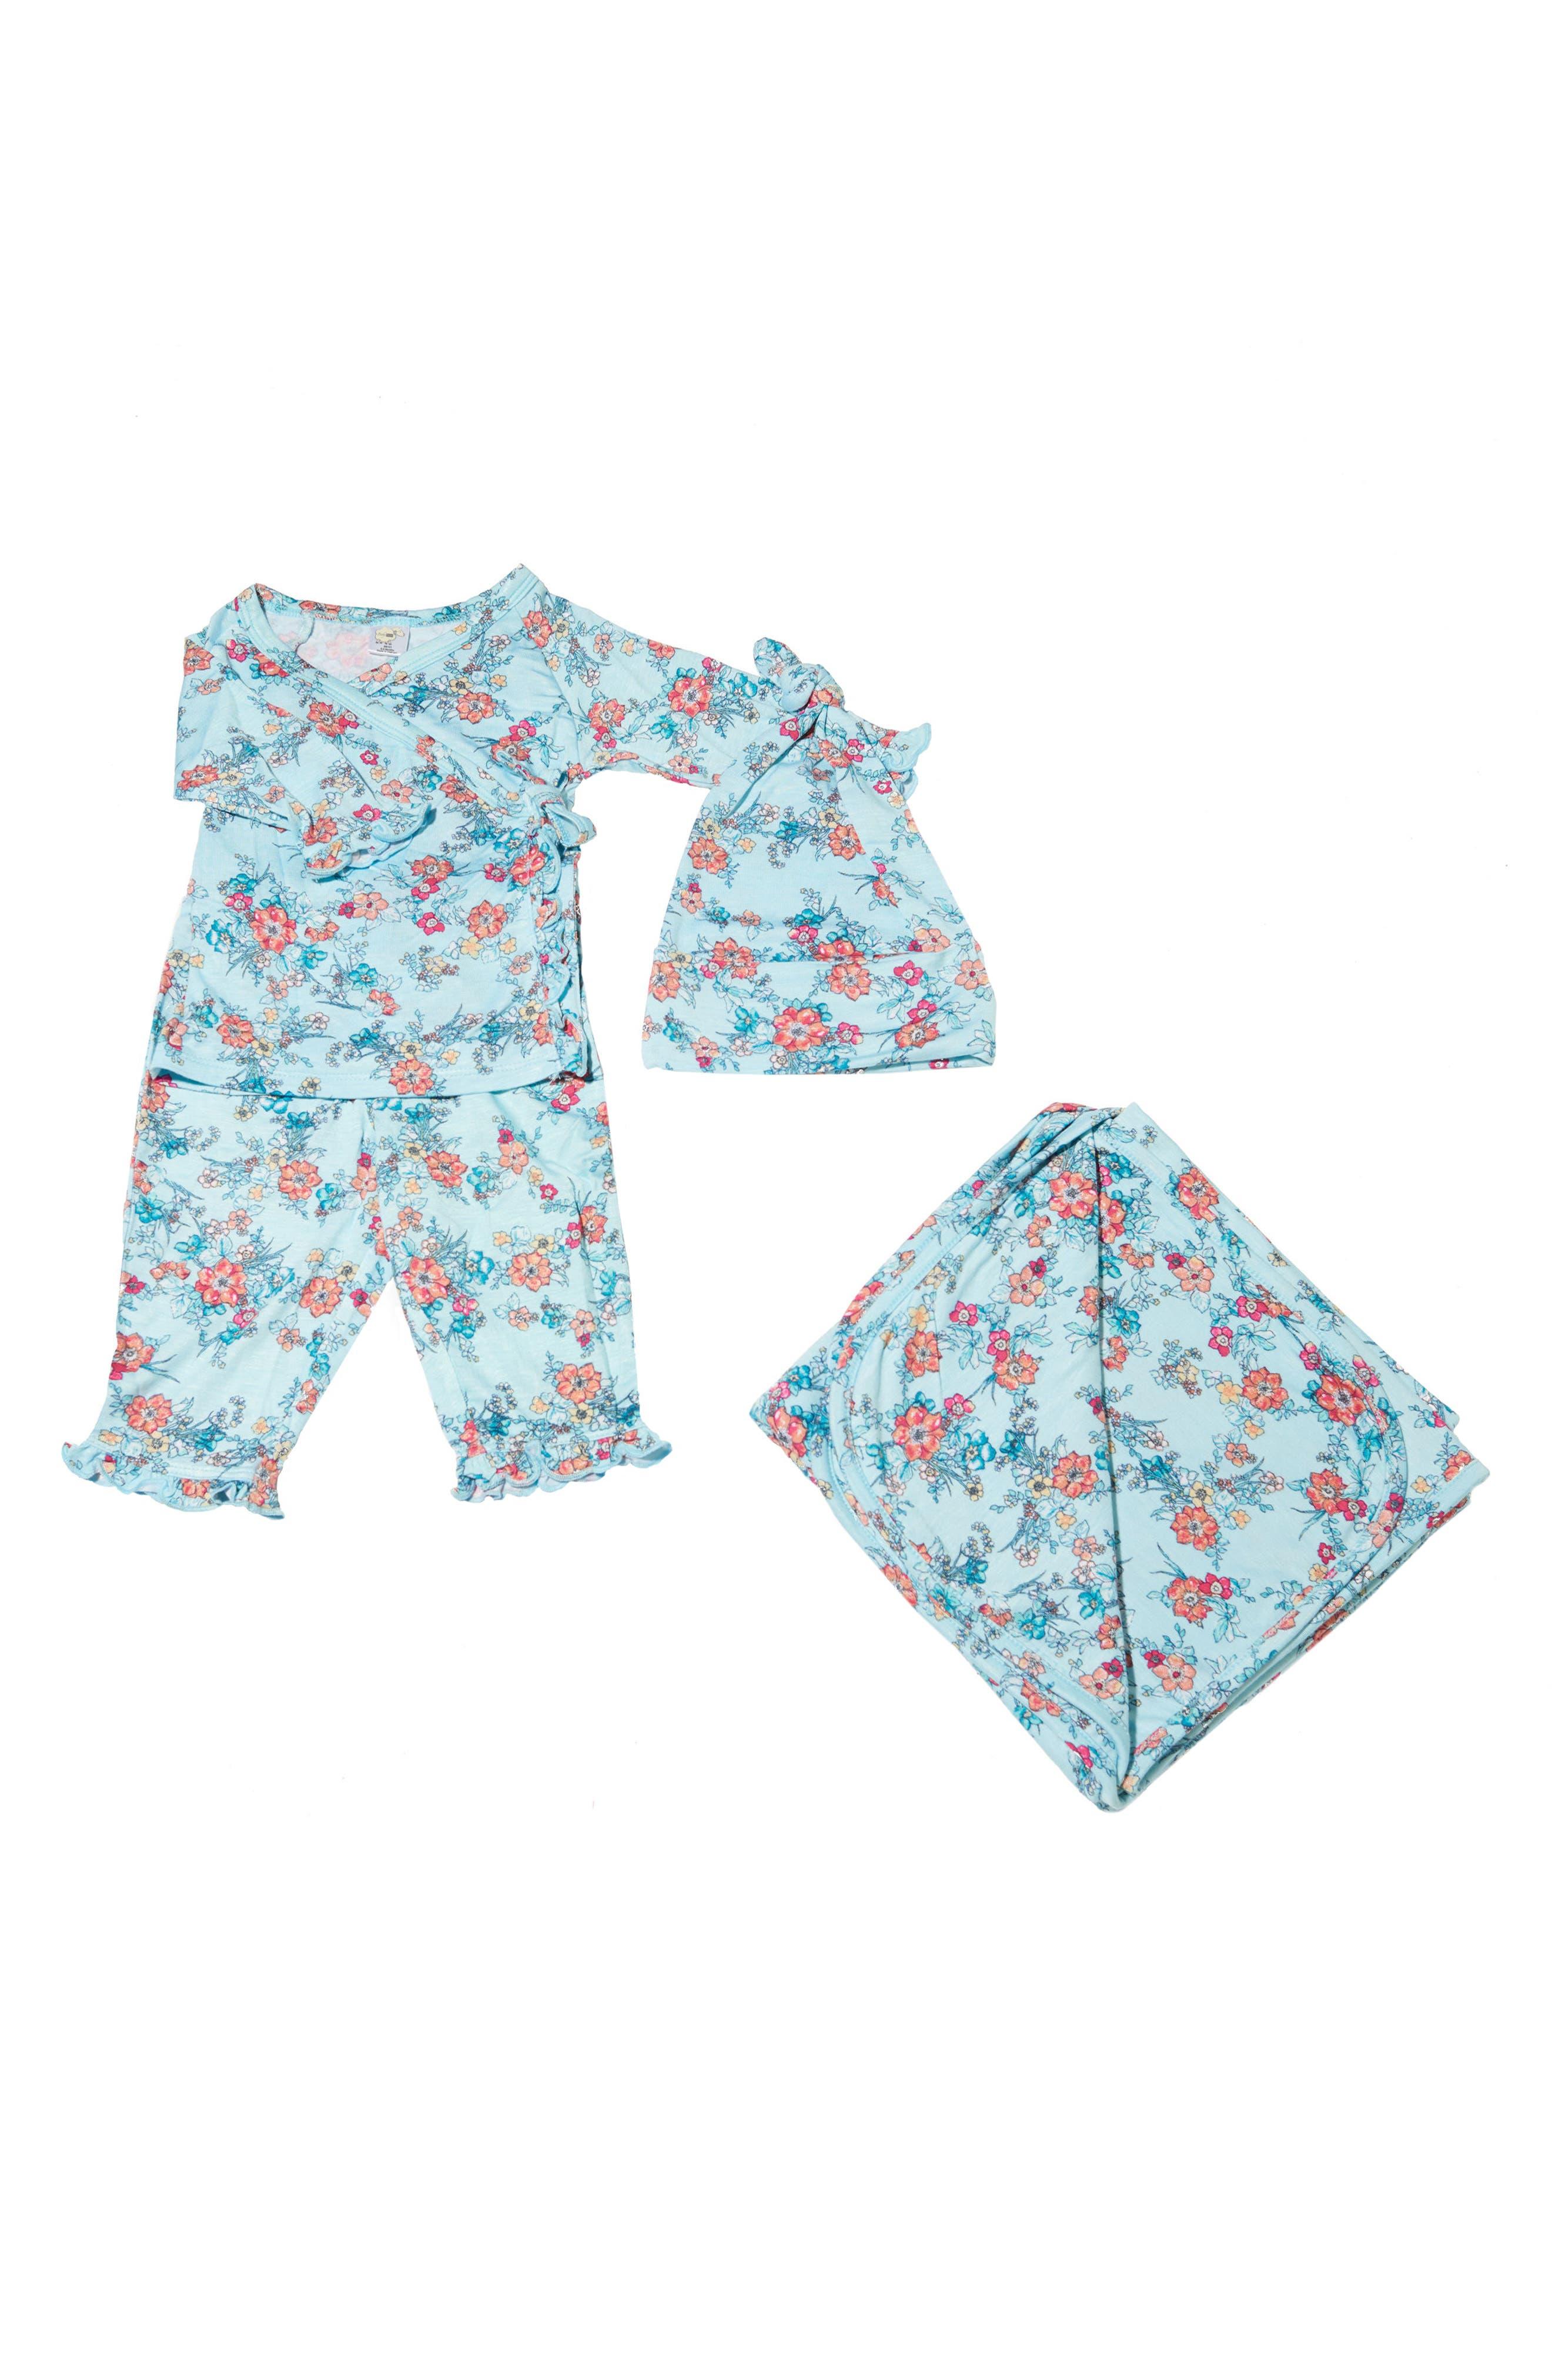 Alternate Image 1 Selected - Baby Grey Ruffle Kimono Top, Pants, Hat & Blanket Set (Baby Girls)